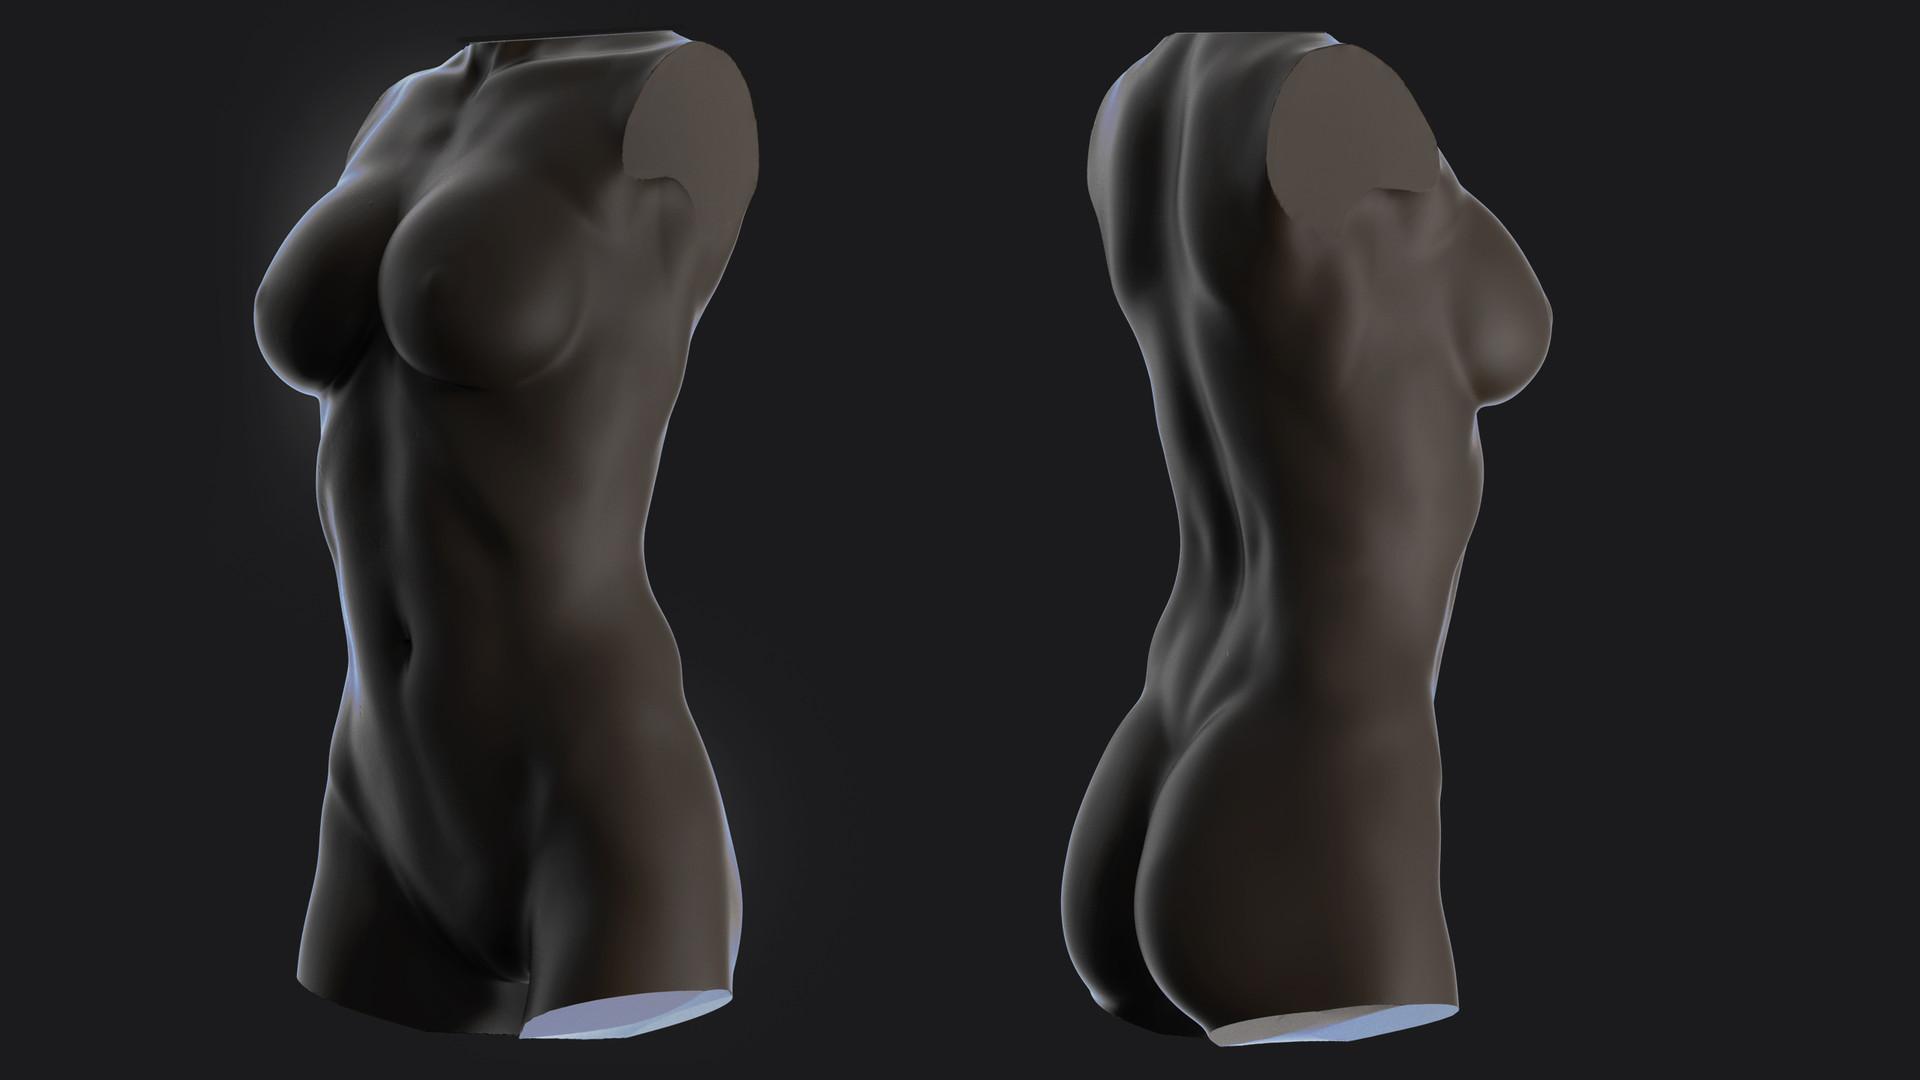 Yuriy romanyk anatomical 1 4x